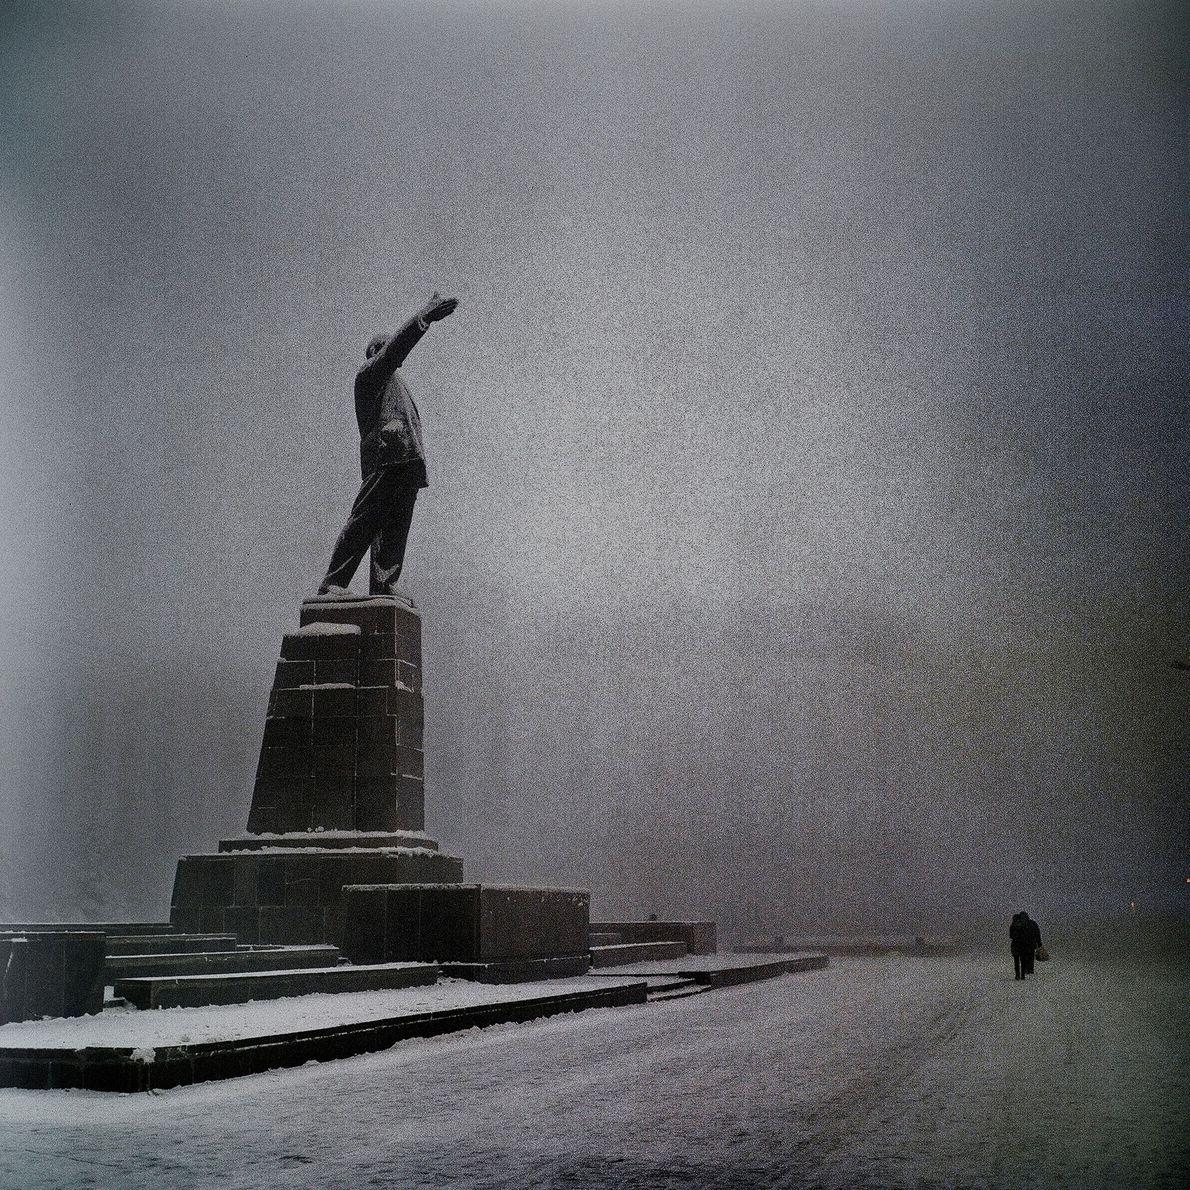 Eine Statue Lenins wacht über den verlassenen Leninplatz.